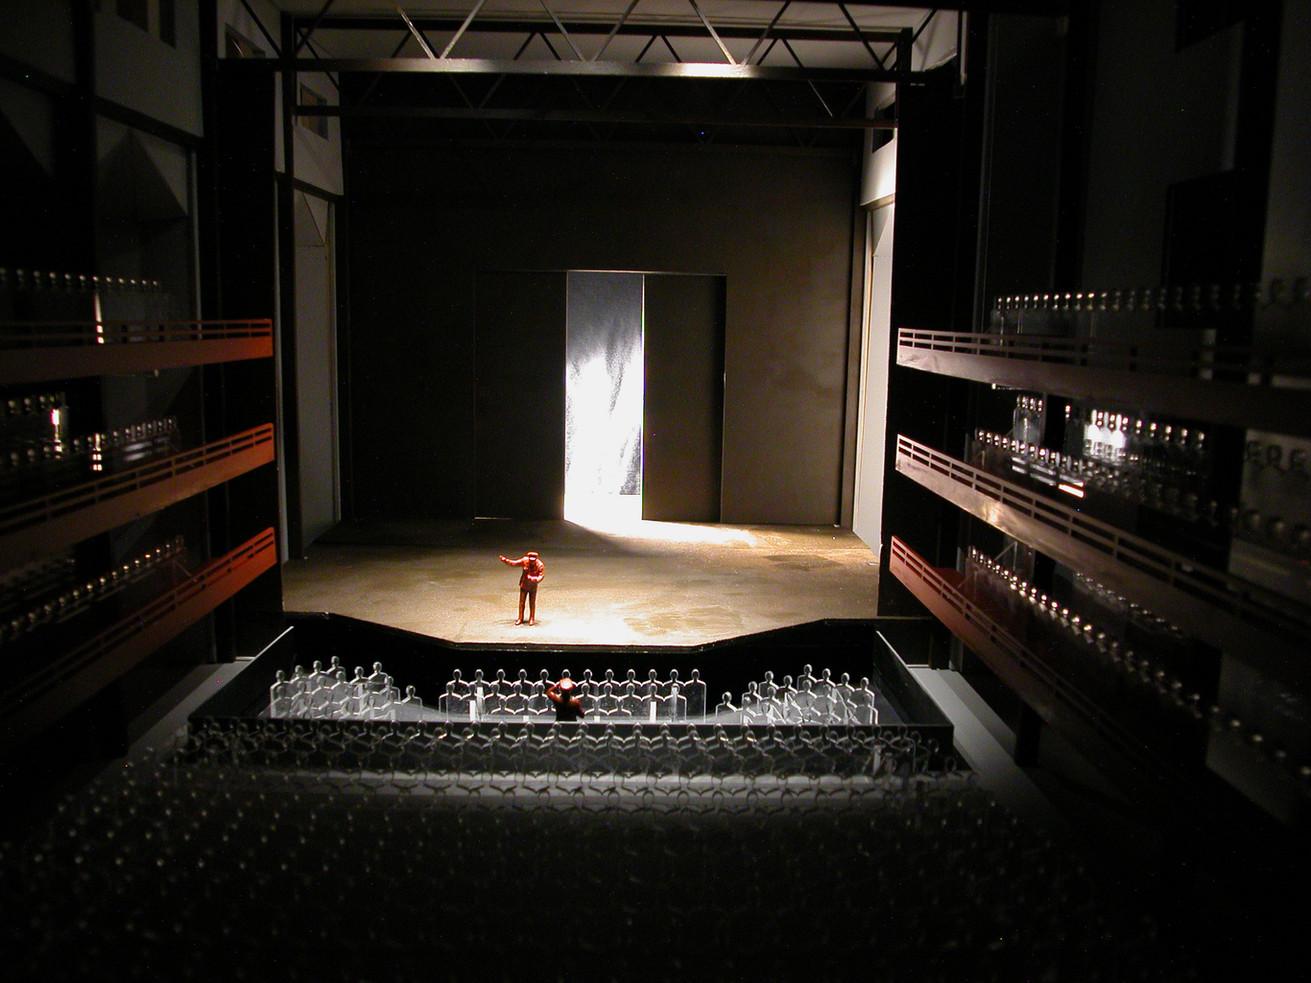 opera-3rd balc-front.jpg